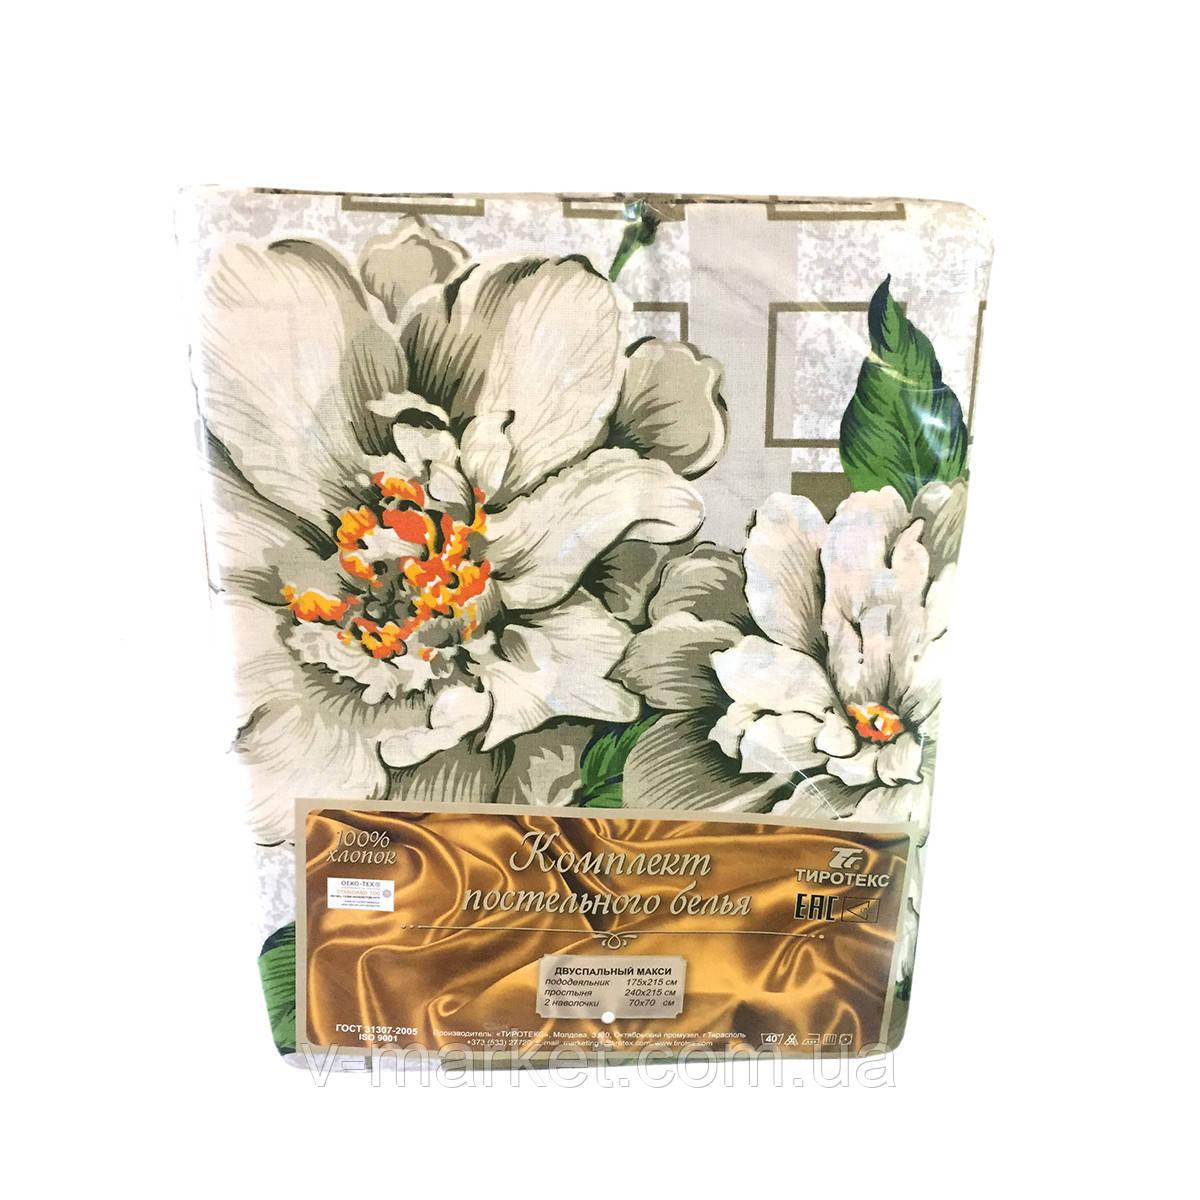 """Постельное белье """"Цветы"""" жатка двуспальное макси Тирасполь, Tirotex"""